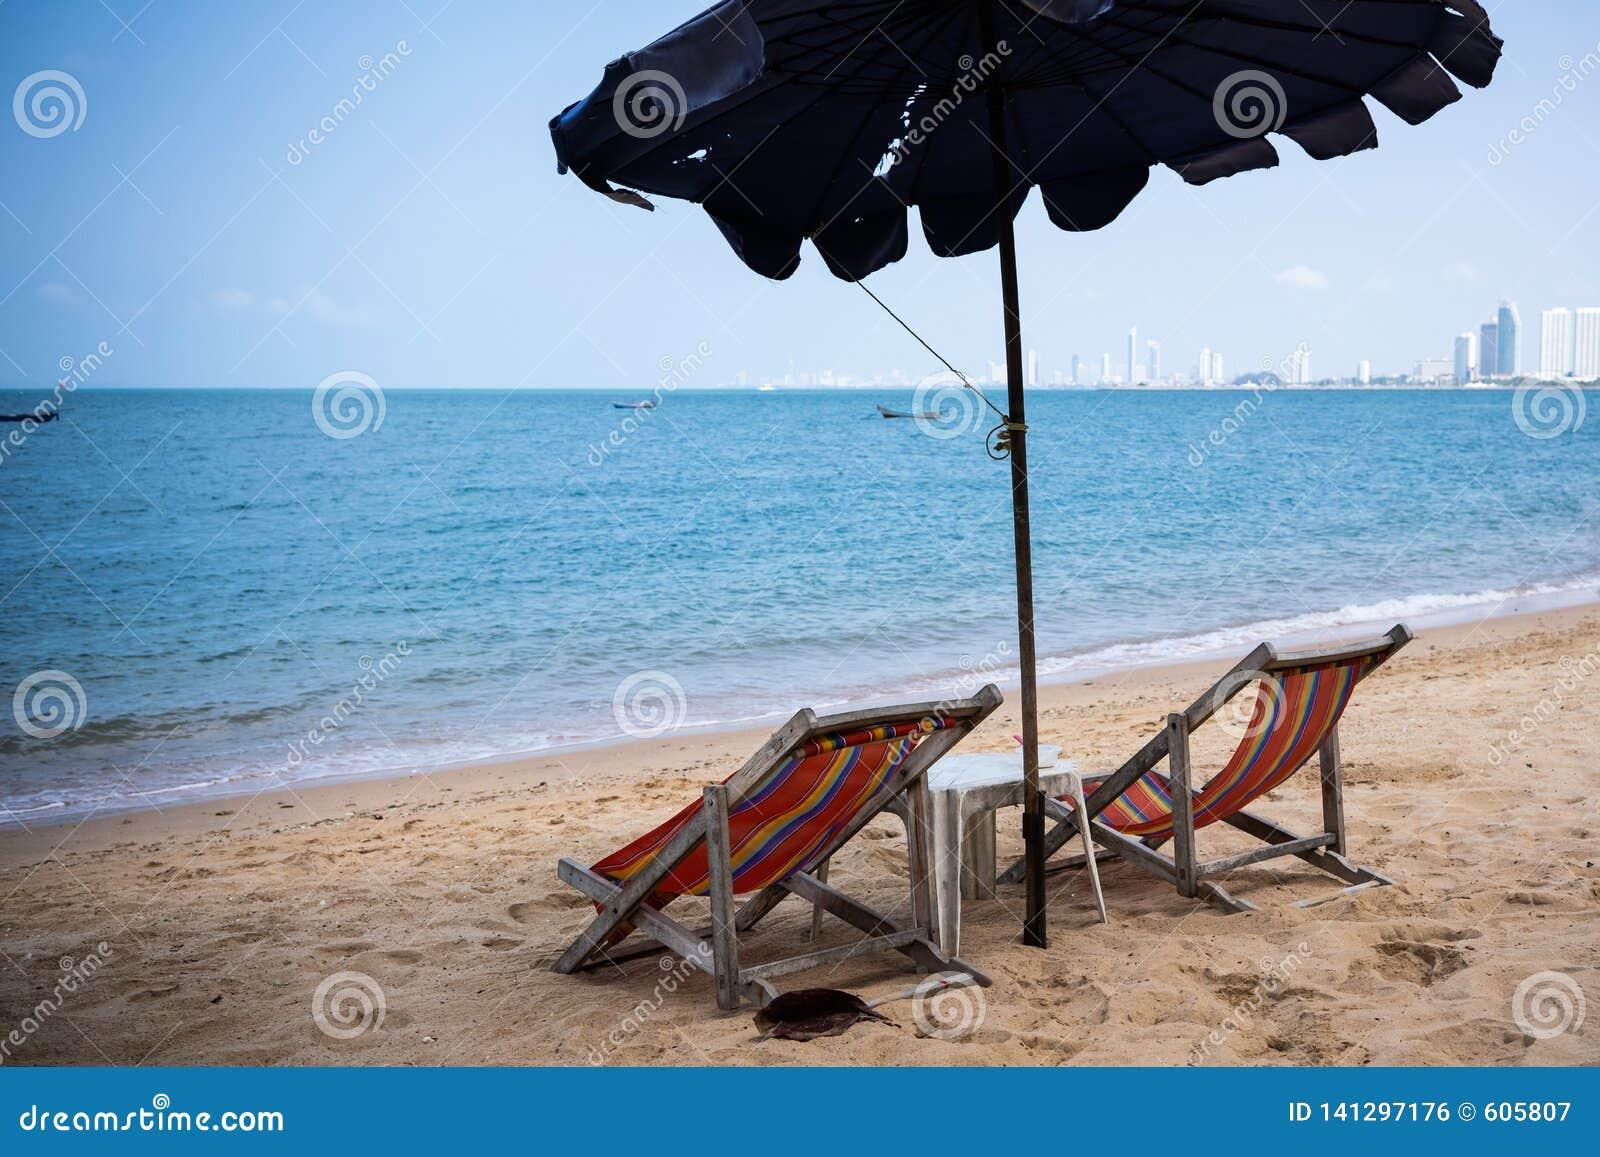 Due chaise-lounge e un ombrello sul mare blu sulla spiaggia di Pattaya, Tailandia Vista posteriore